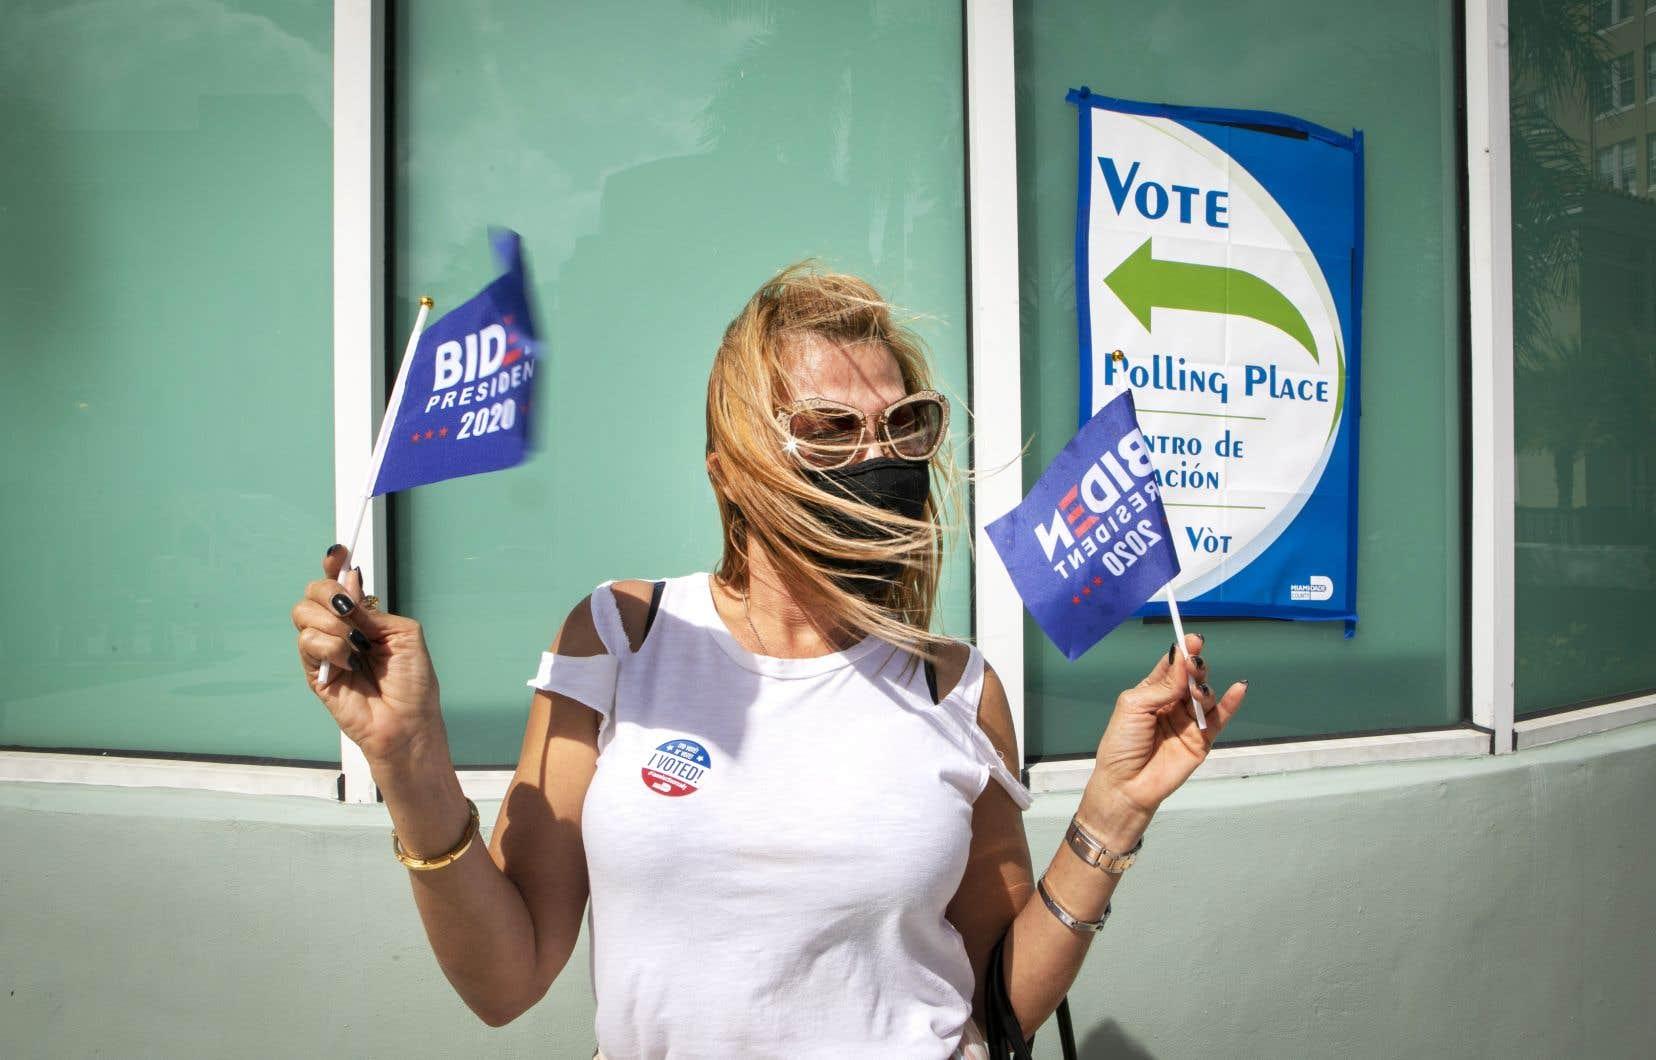 Anna Castillo affiche fièrement ses couleurs à la sortie du bureau de vote. «Je suis ex-républicaine. En 2016, j'ai voté pour Trump et ç'a été la plus grande erreur que j'ai commise», dit la femme originaire du Nicaragua.